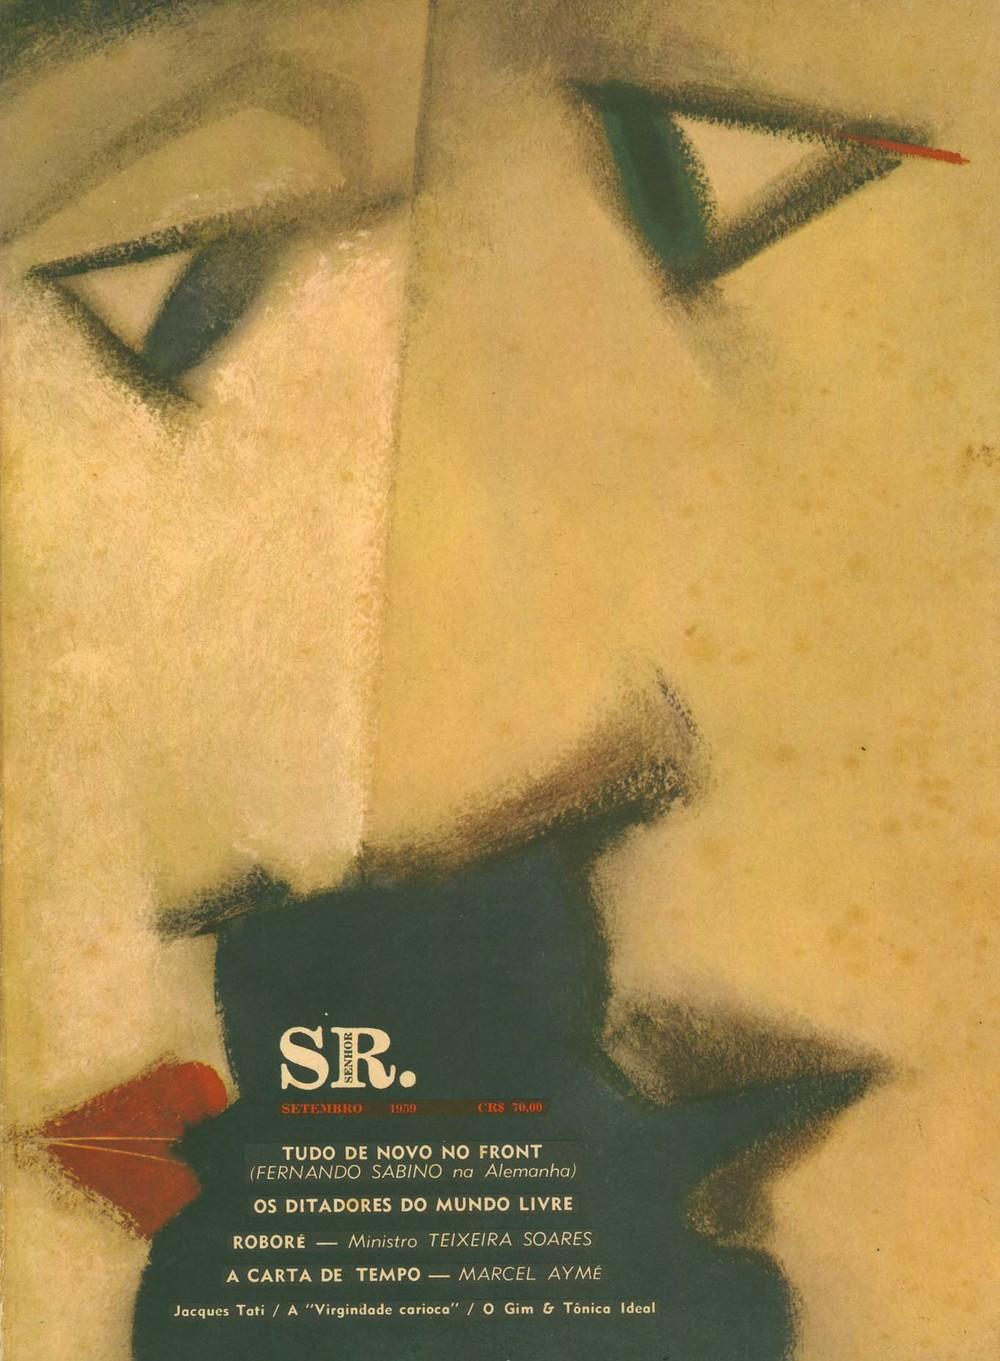 Couverture de Carlos Scliar pour le numéro de septembre 1959 de  Senhor .